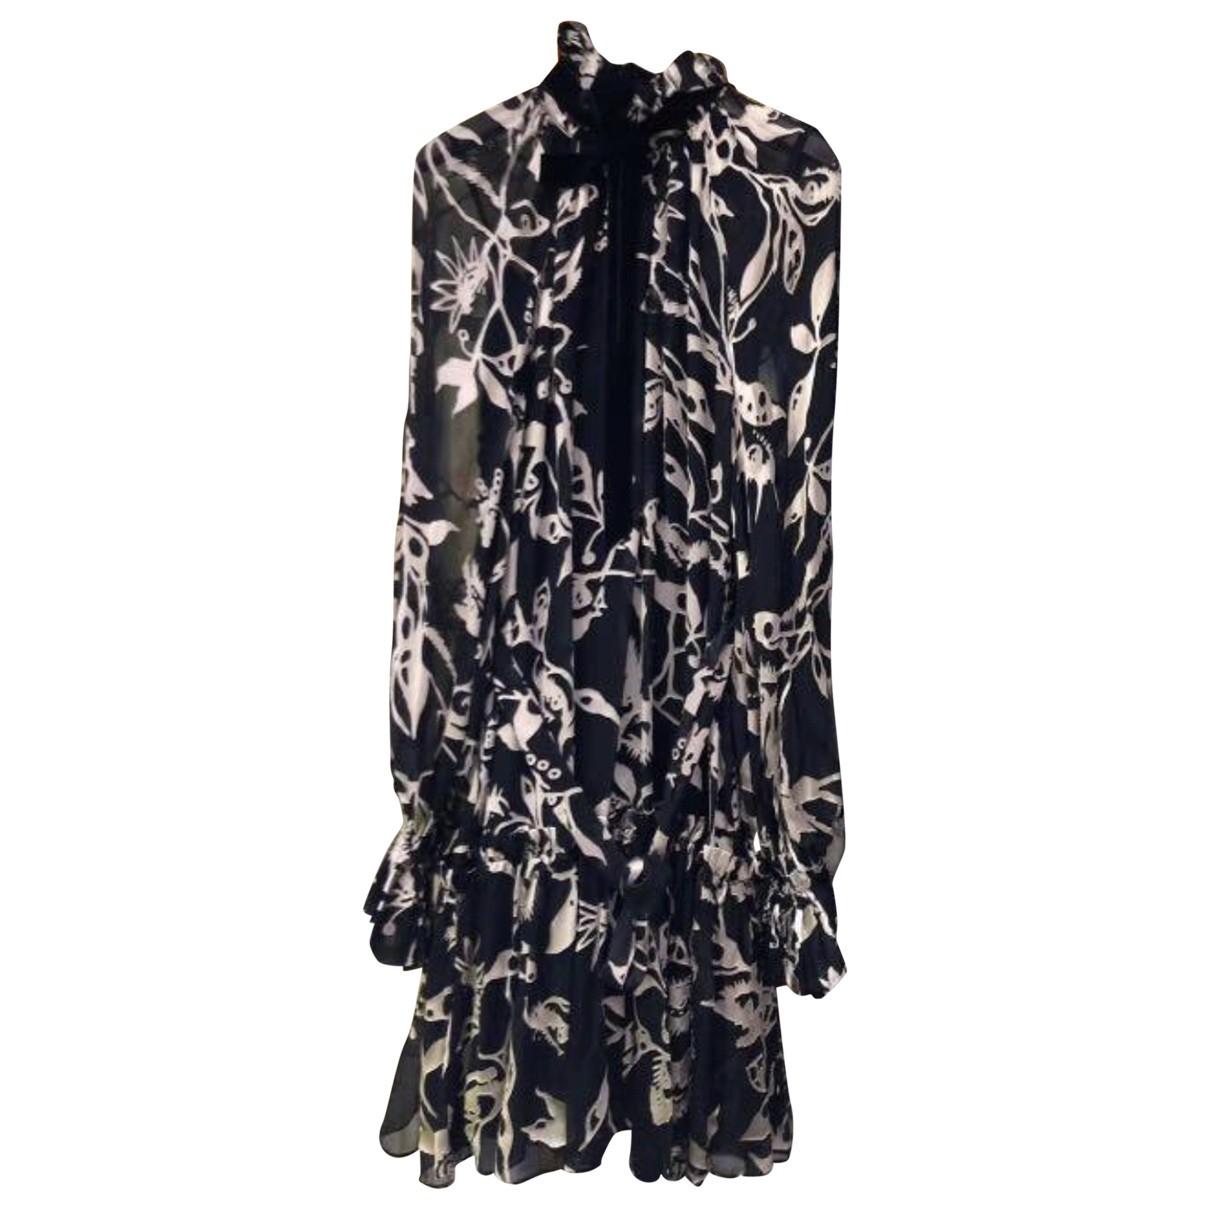 Zimmermann \N Black dress for Women 0 0-5